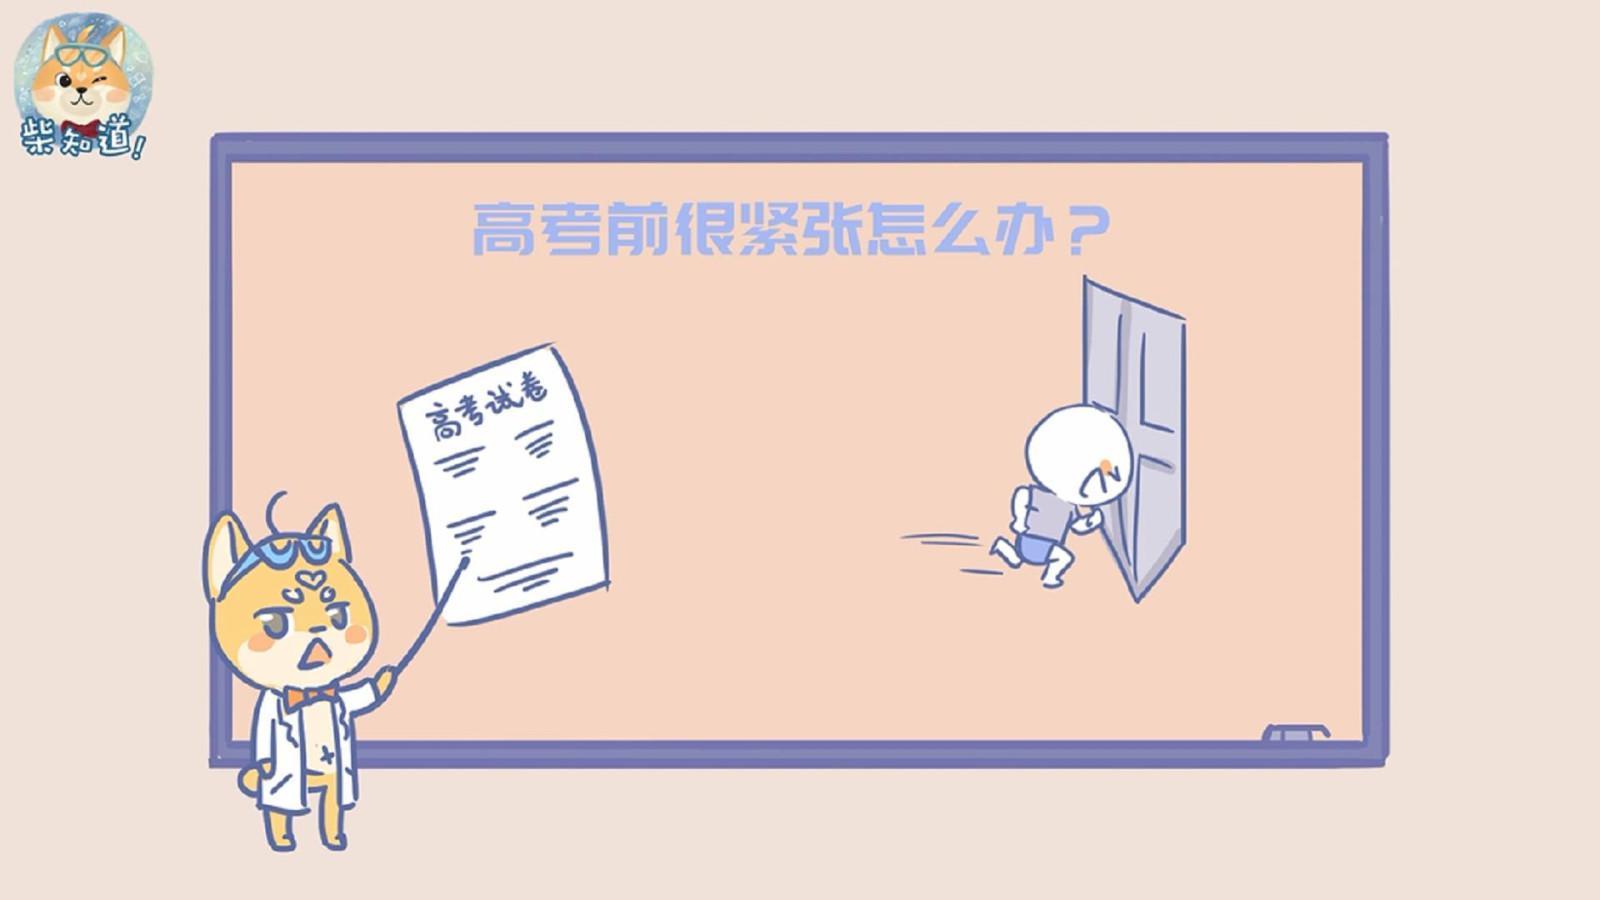 科普:高考前紧张怎么办?最好的办法或许是点开这个视频